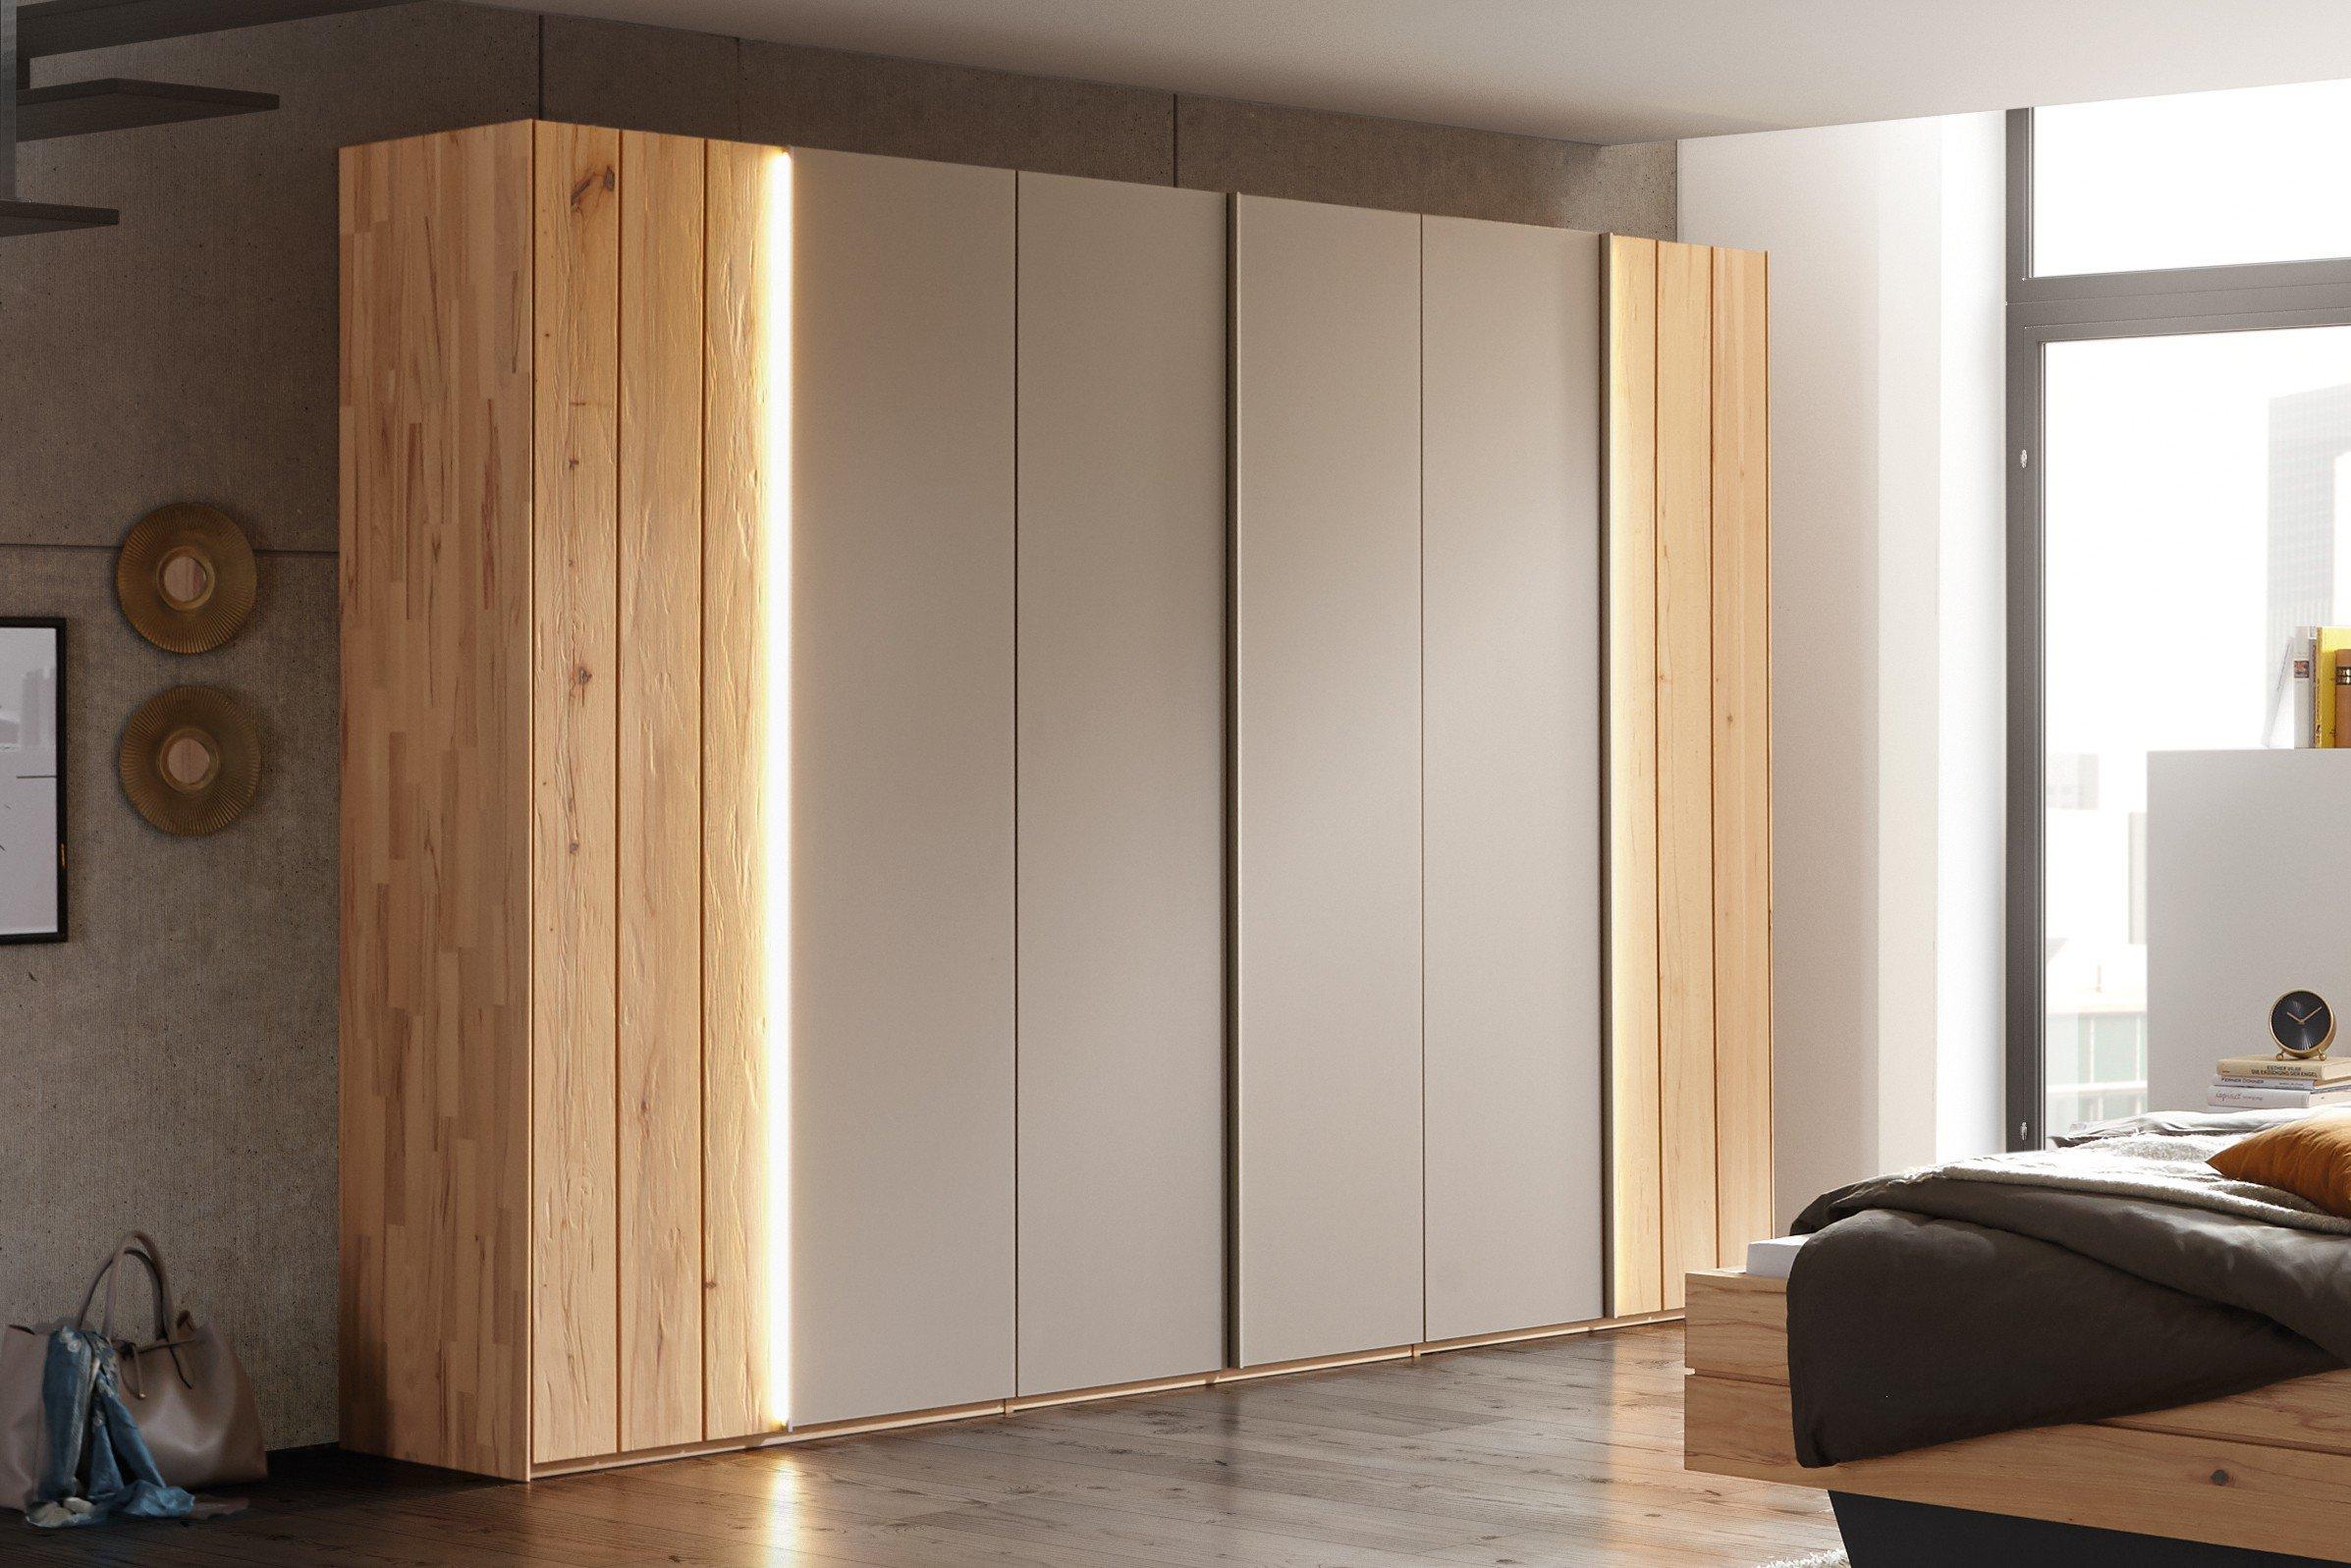 lava schlafzimmer thielemeyer naturbuche m bel letz ihr online shop. Black Bedroom Furniture Sets. Home Design Ideas